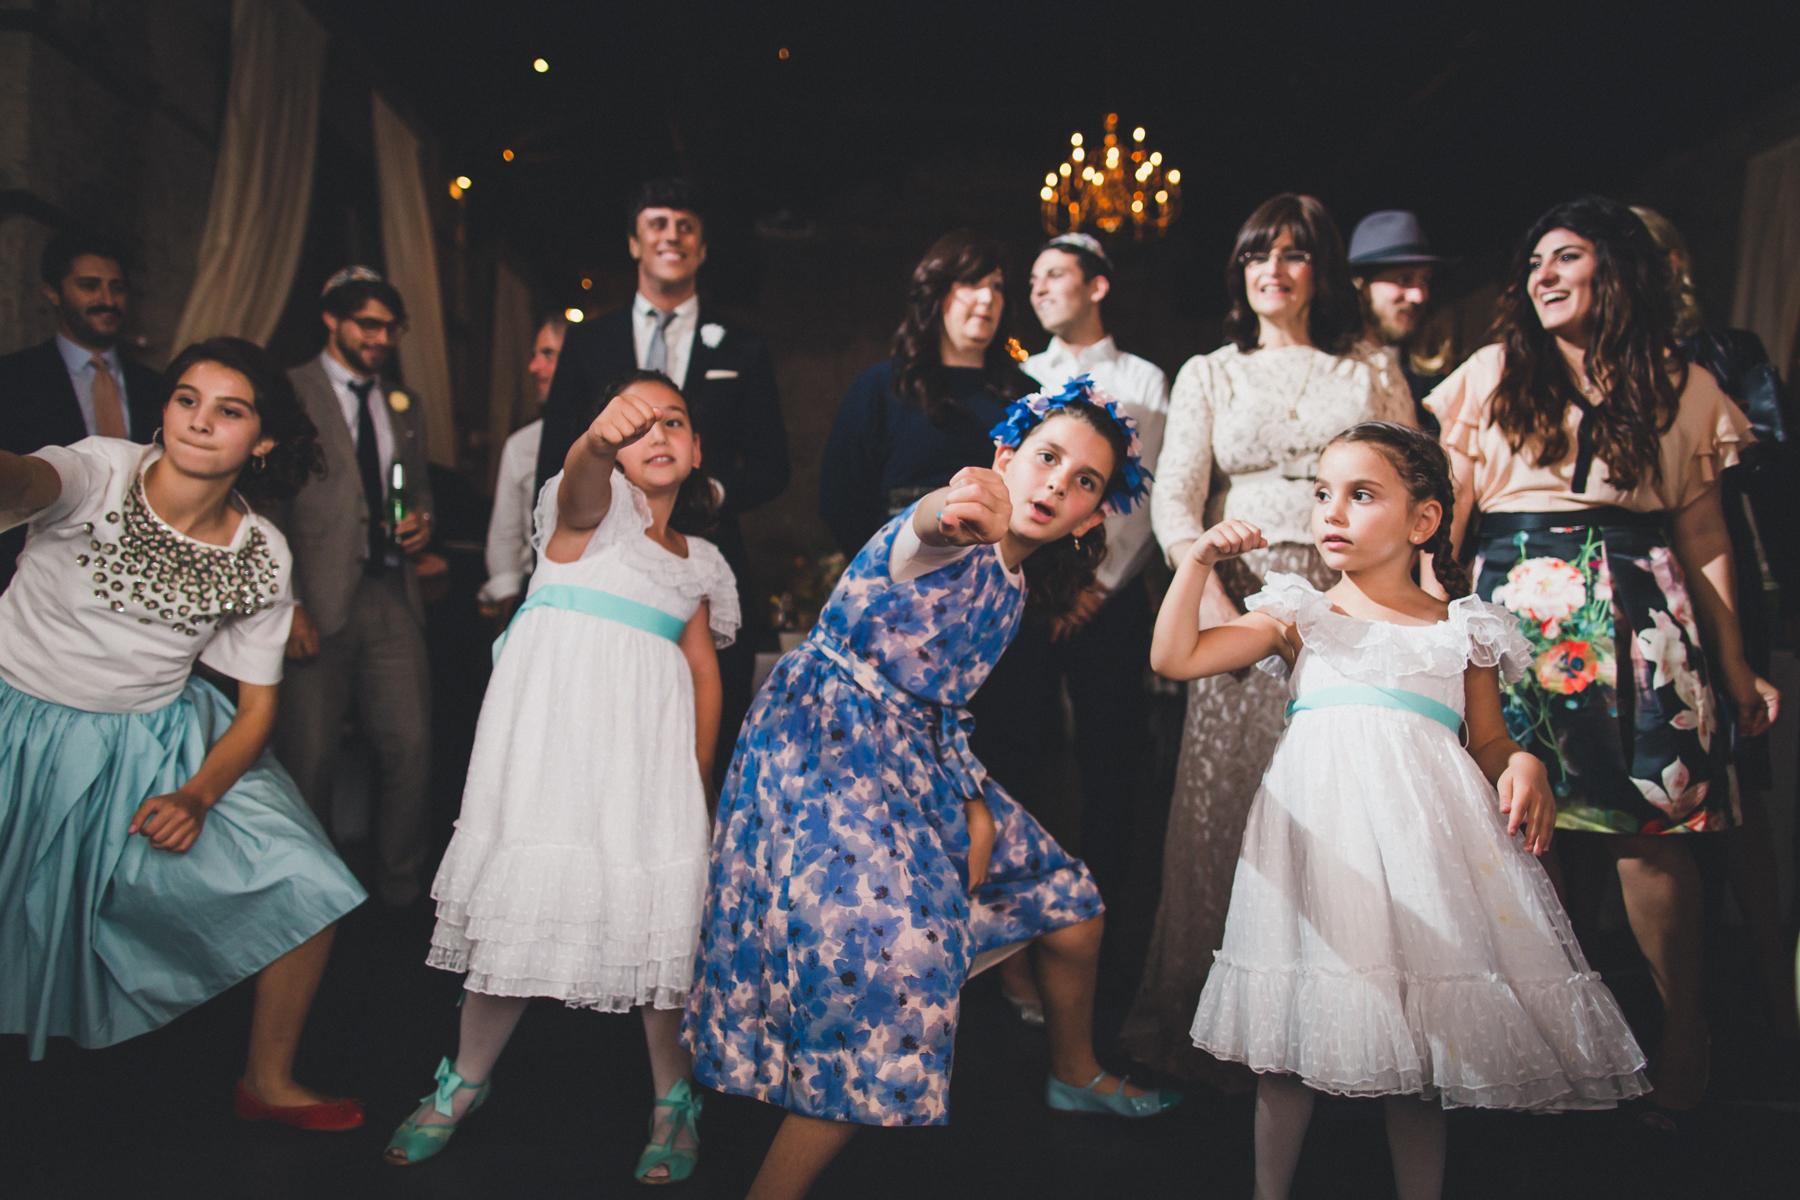 Wythe-Hotel-Green-Building-Brooklyn-Documentary-Wedding-Photography-121.jpg